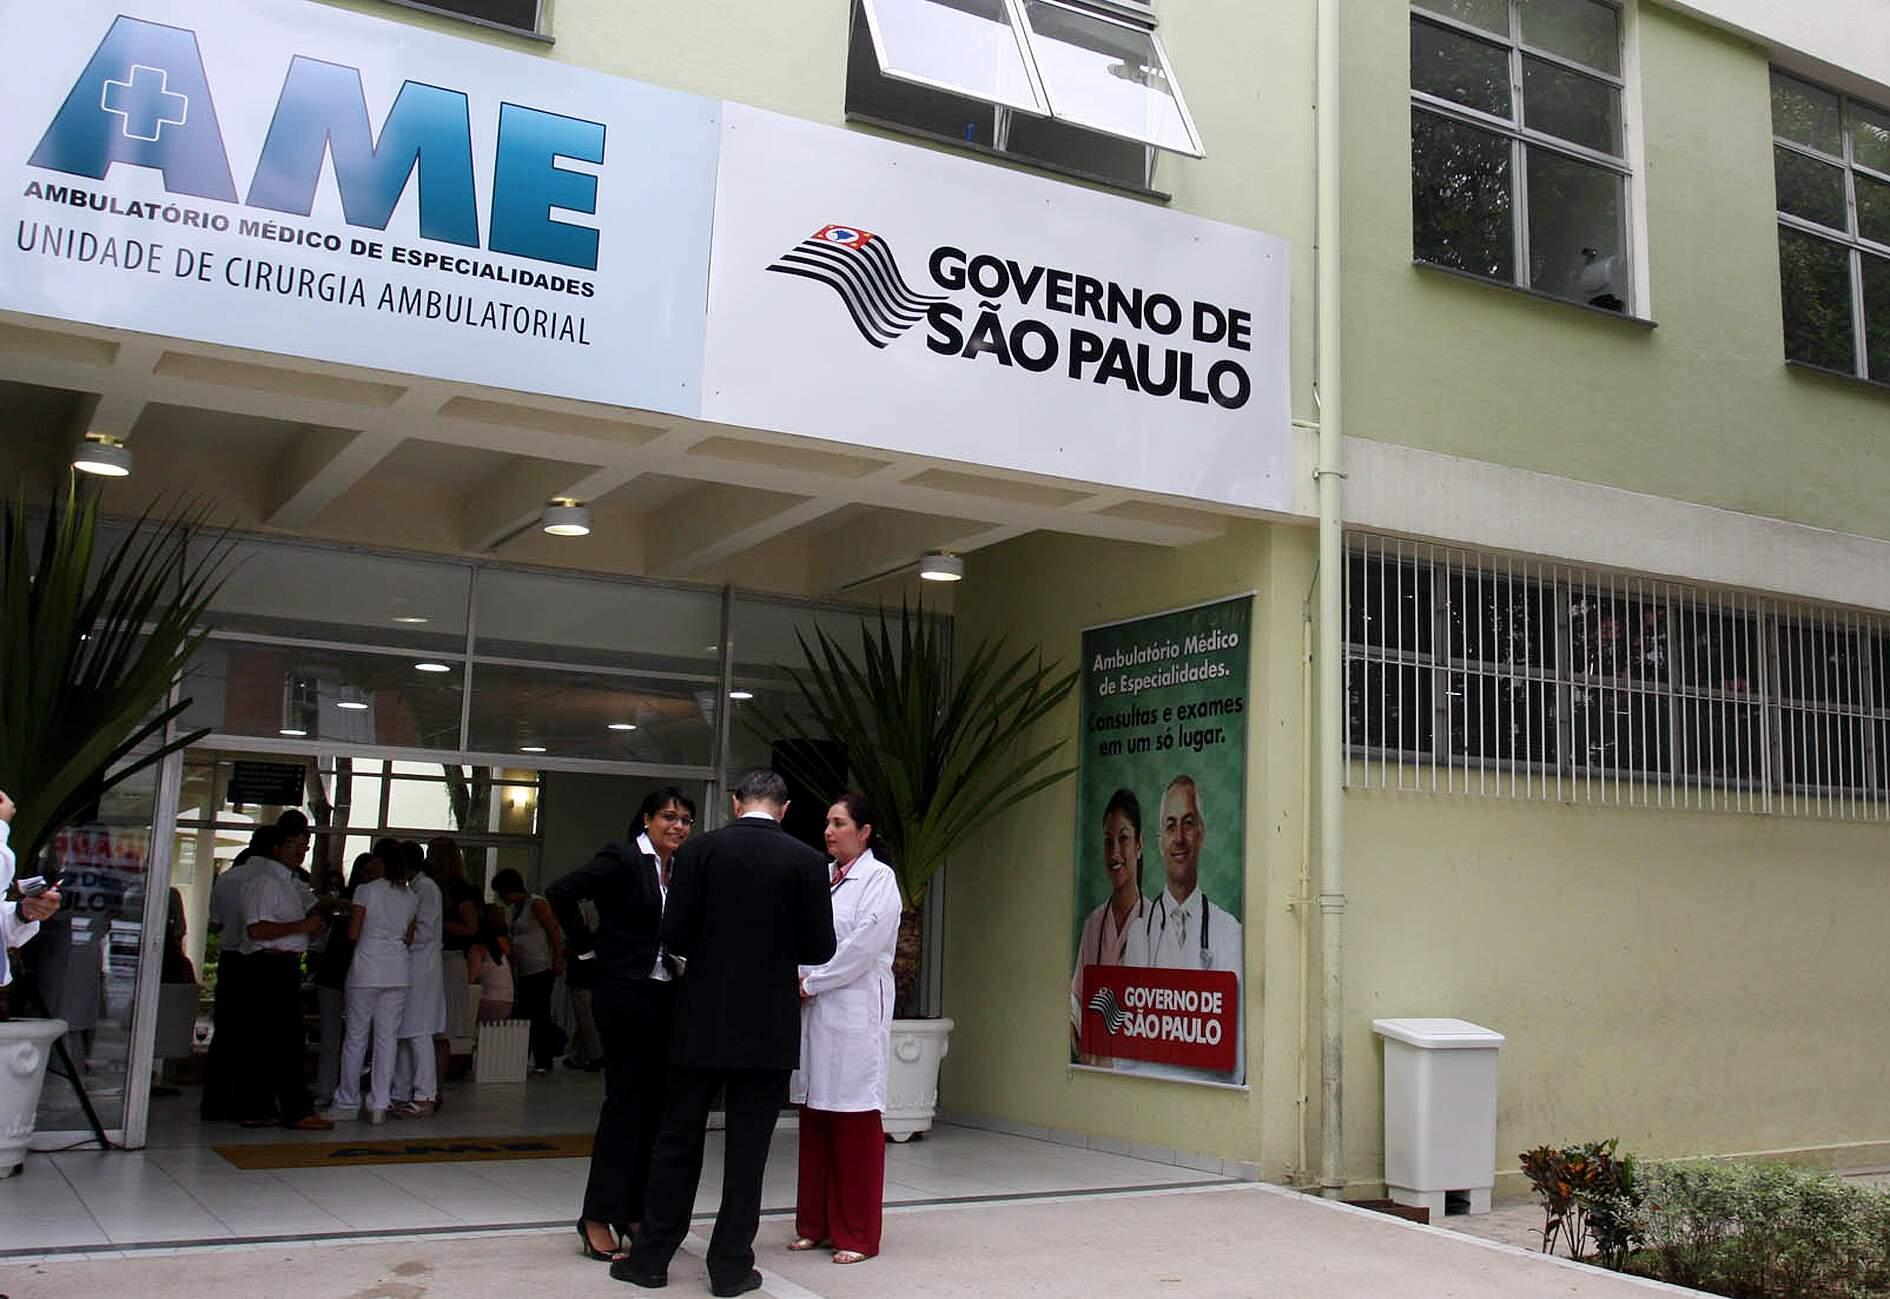 Hospitais estaduais e AMEs da região integram programa iniciado na cidade de São Paulo